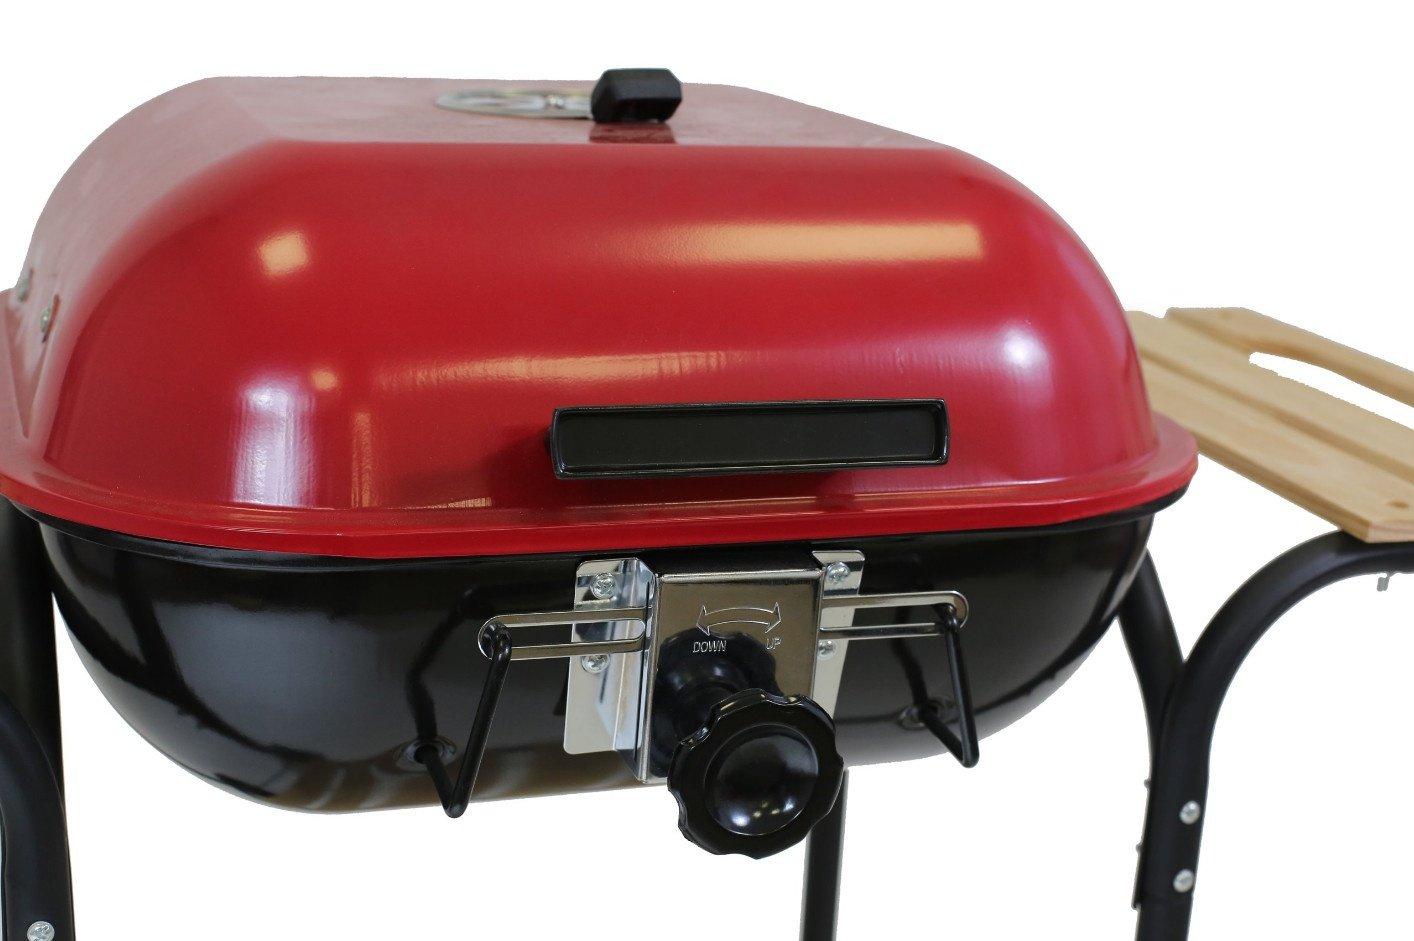 Landmann Holzkohlegrill Corso : Landmann 0518 grill holzkohlegrill grillwagen mit praktischem deckel